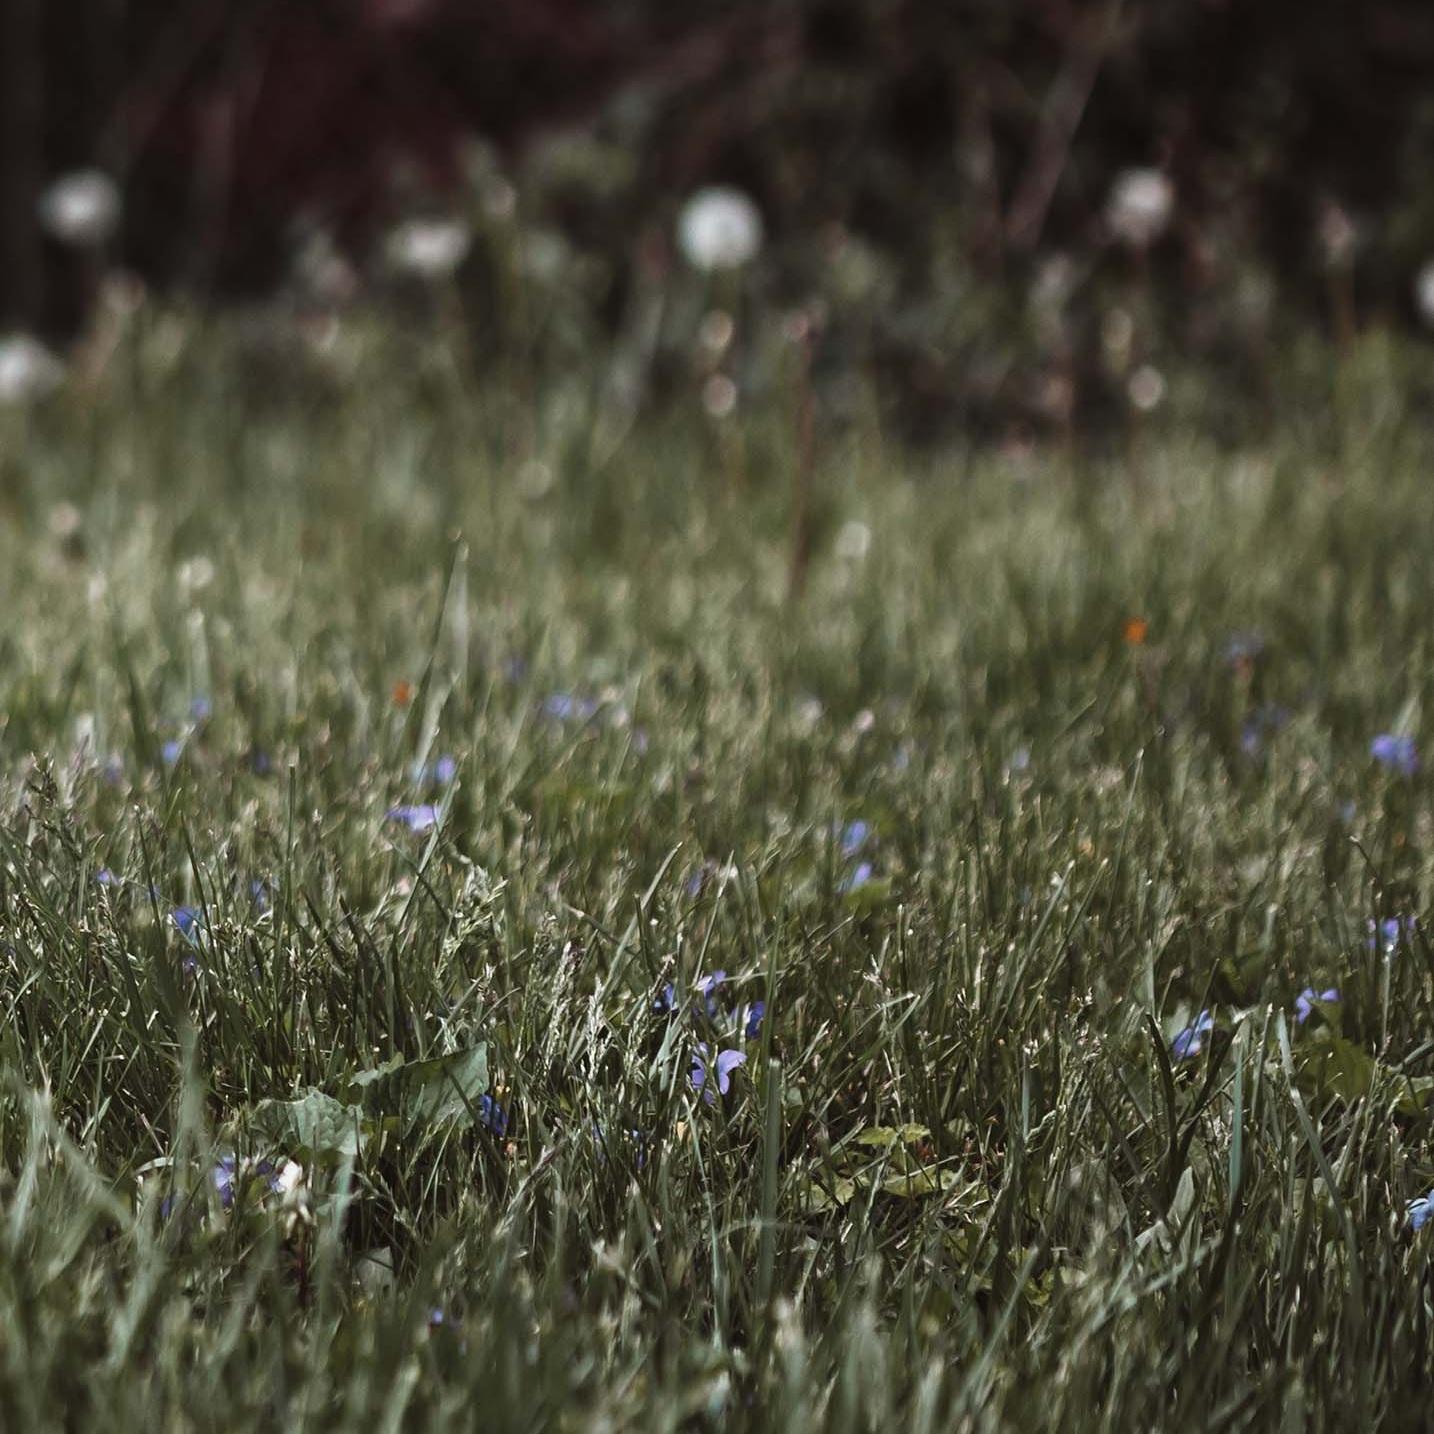 El Césped no es siempre más verde - Si tu eres un jardinero, paisajista, granjero o trabajador agrícola, has usado Roundup® y padeces de enfermedad, usted podría entablar un proceso en contra de Monsanto y obtener una compensación.